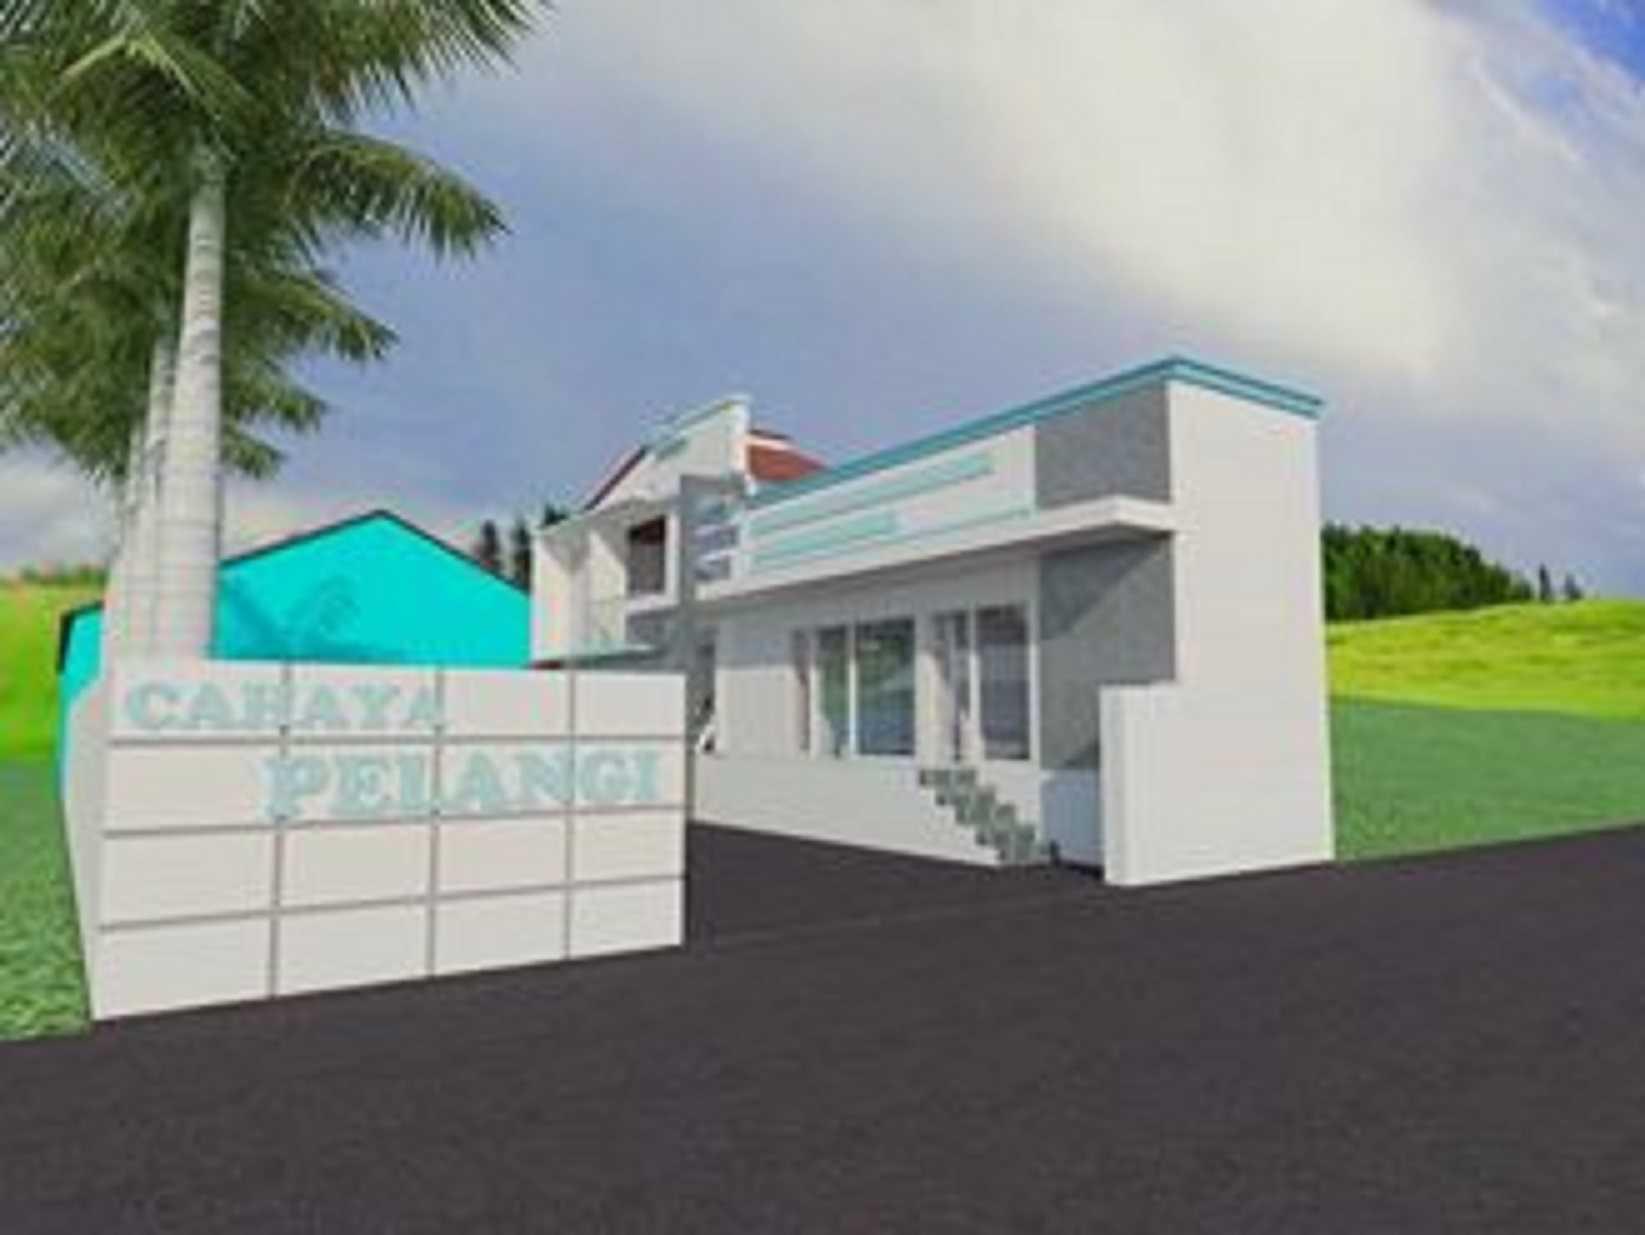 Cahaya Griya Pembangunan Kantor Magelang, Jawa Tengah, Indonesia Magelang, Jawa Tengah, Indonesia 1788428816211818912403528858080523122915845N   44288